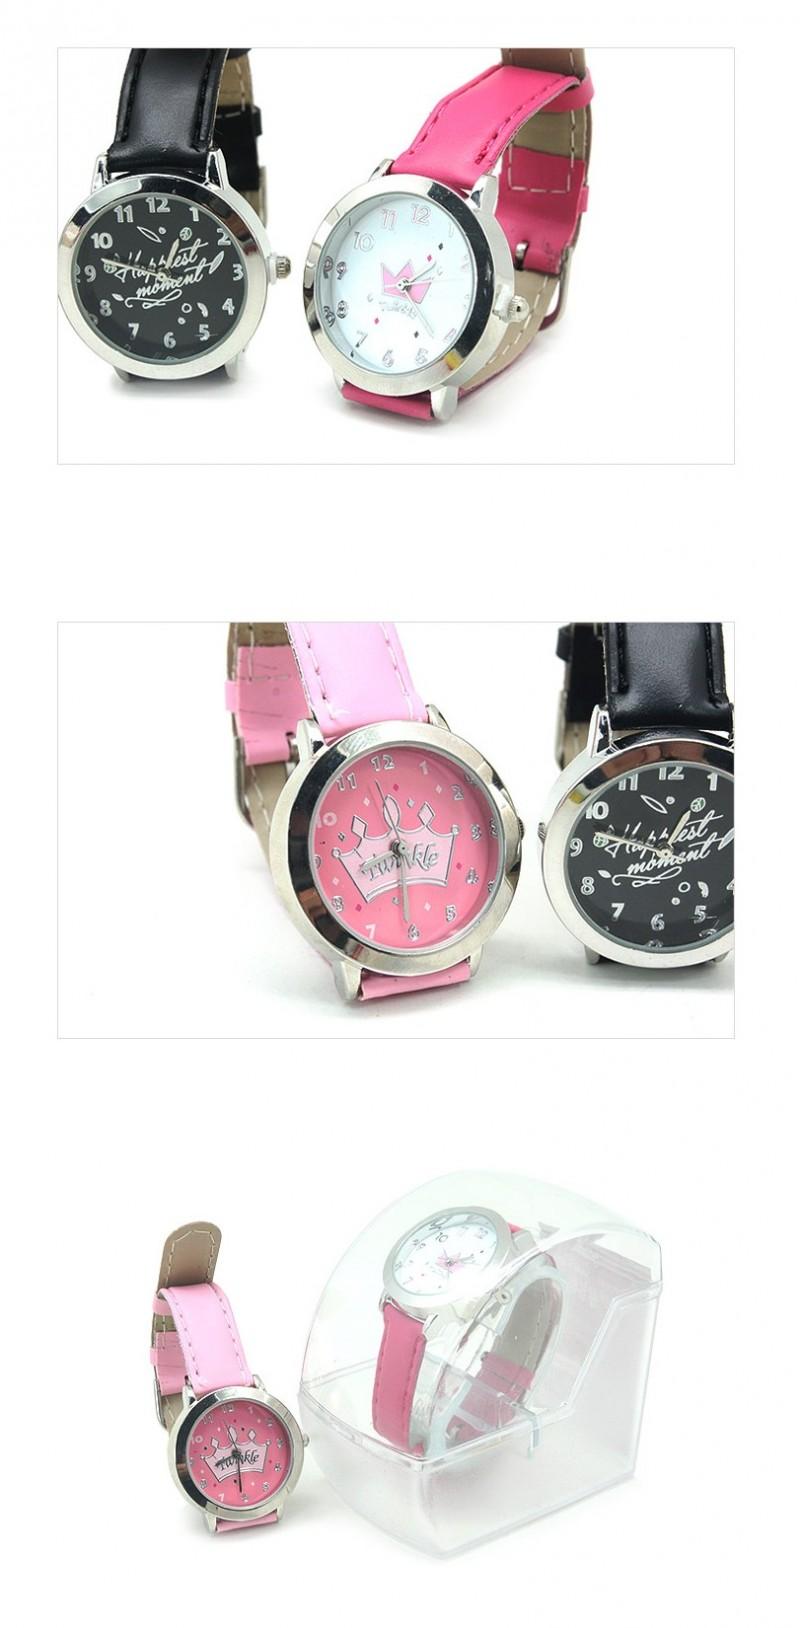 어린이손목시계 재고 덤핑가 판매